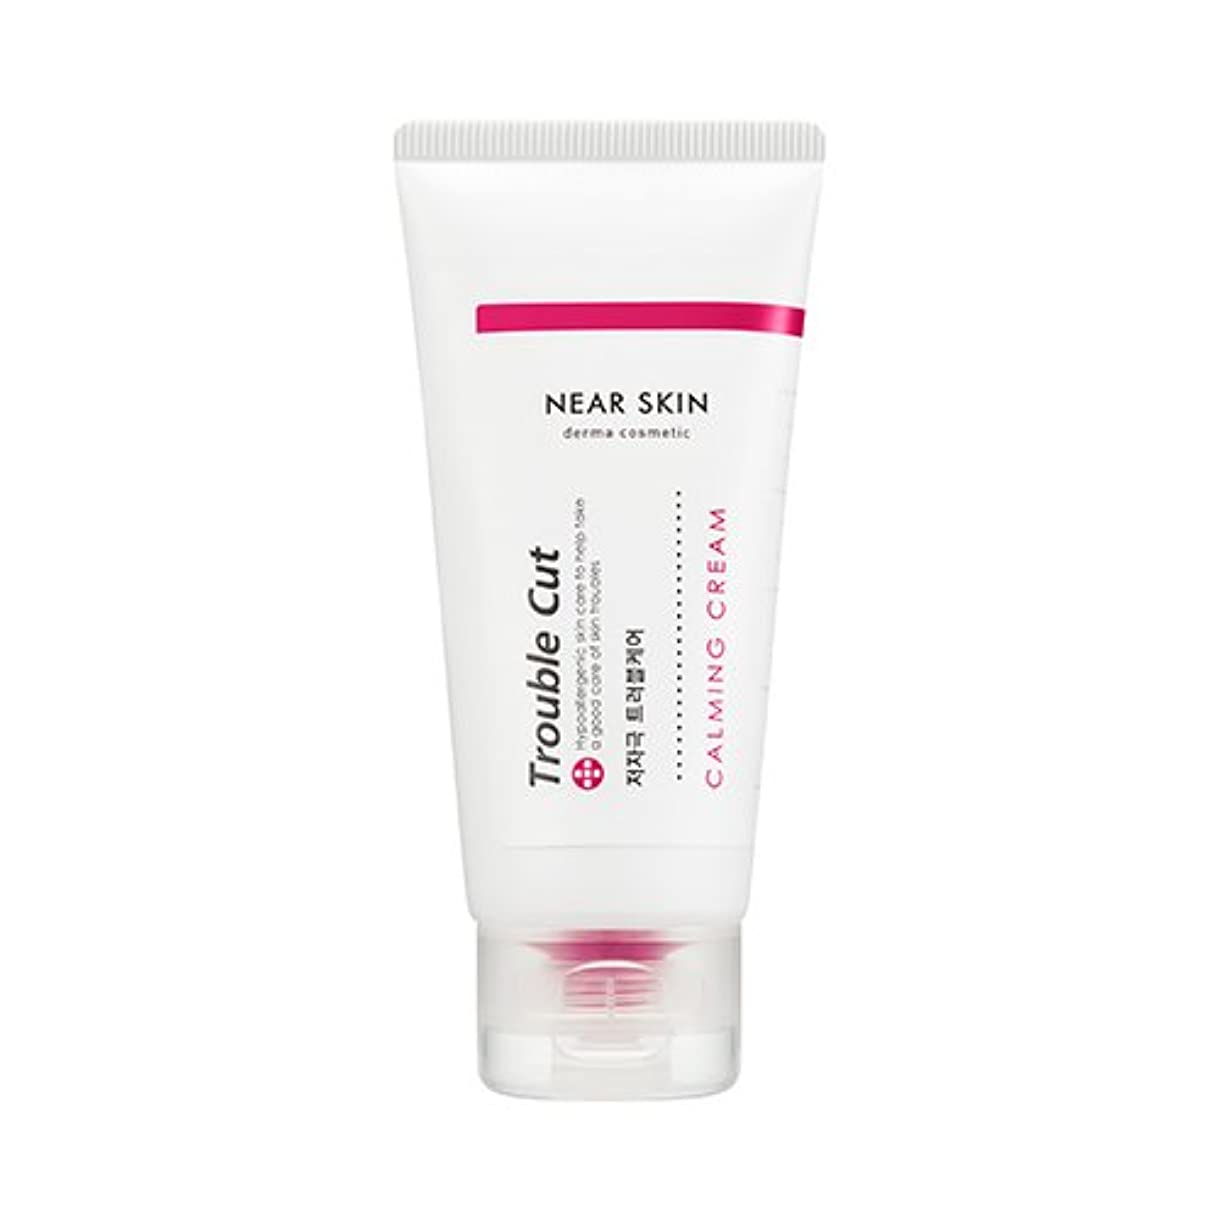 戦略足枷香港MISSHA [Near Skin] Trouble Cut Calming Cream 20ml / ミシャ ニアスキン トラブルカットカミングクリーム [並行輸入品]